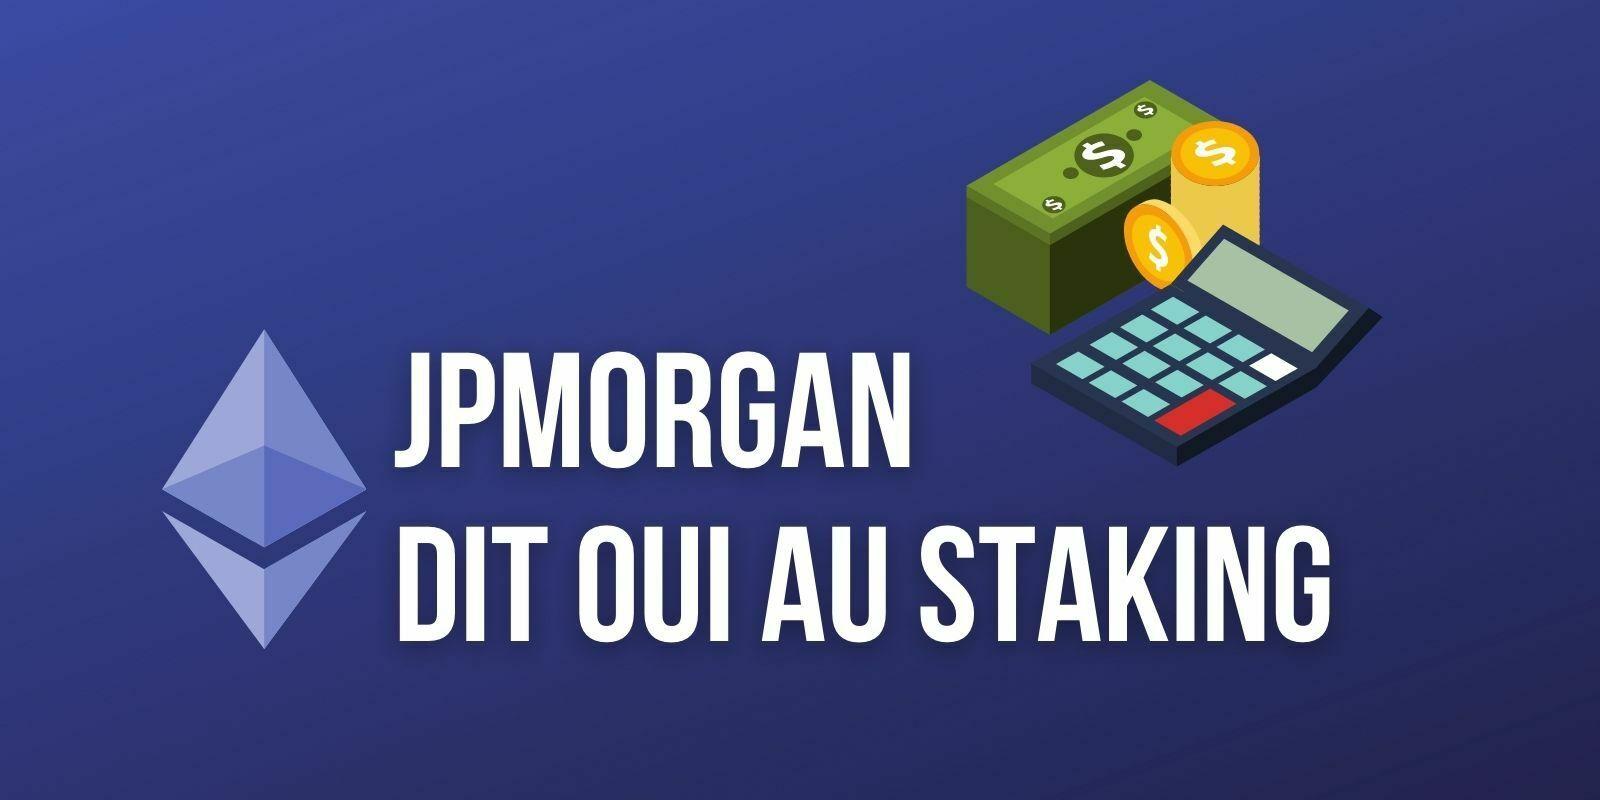 JPMorgan assure que le staking générera 40 milliards de dollars en 2025 grâce à Ethereum 2.0